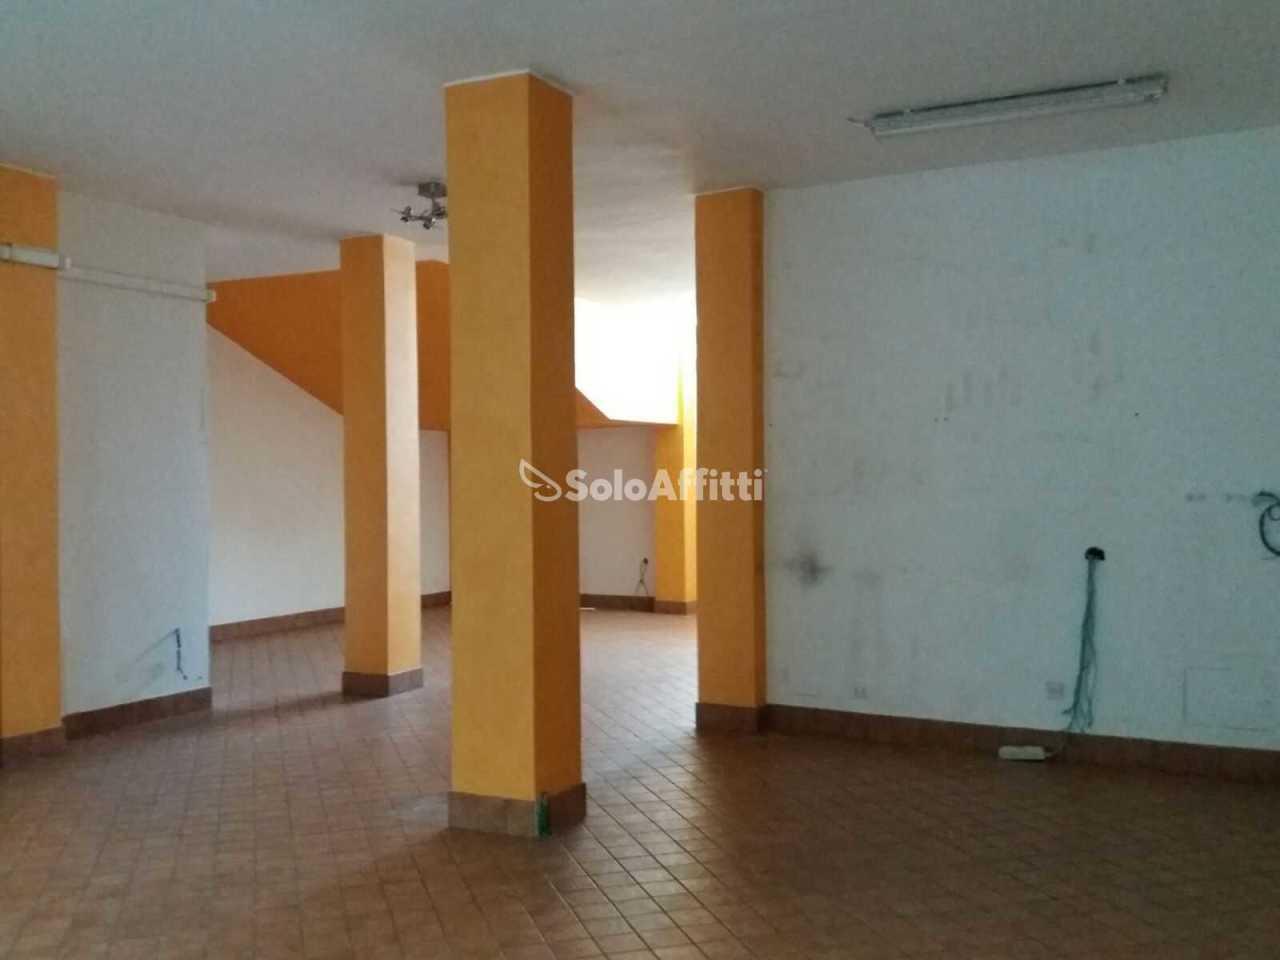 Ufficio - 3 locali a Campidoglio, Torino Rif. 4134644